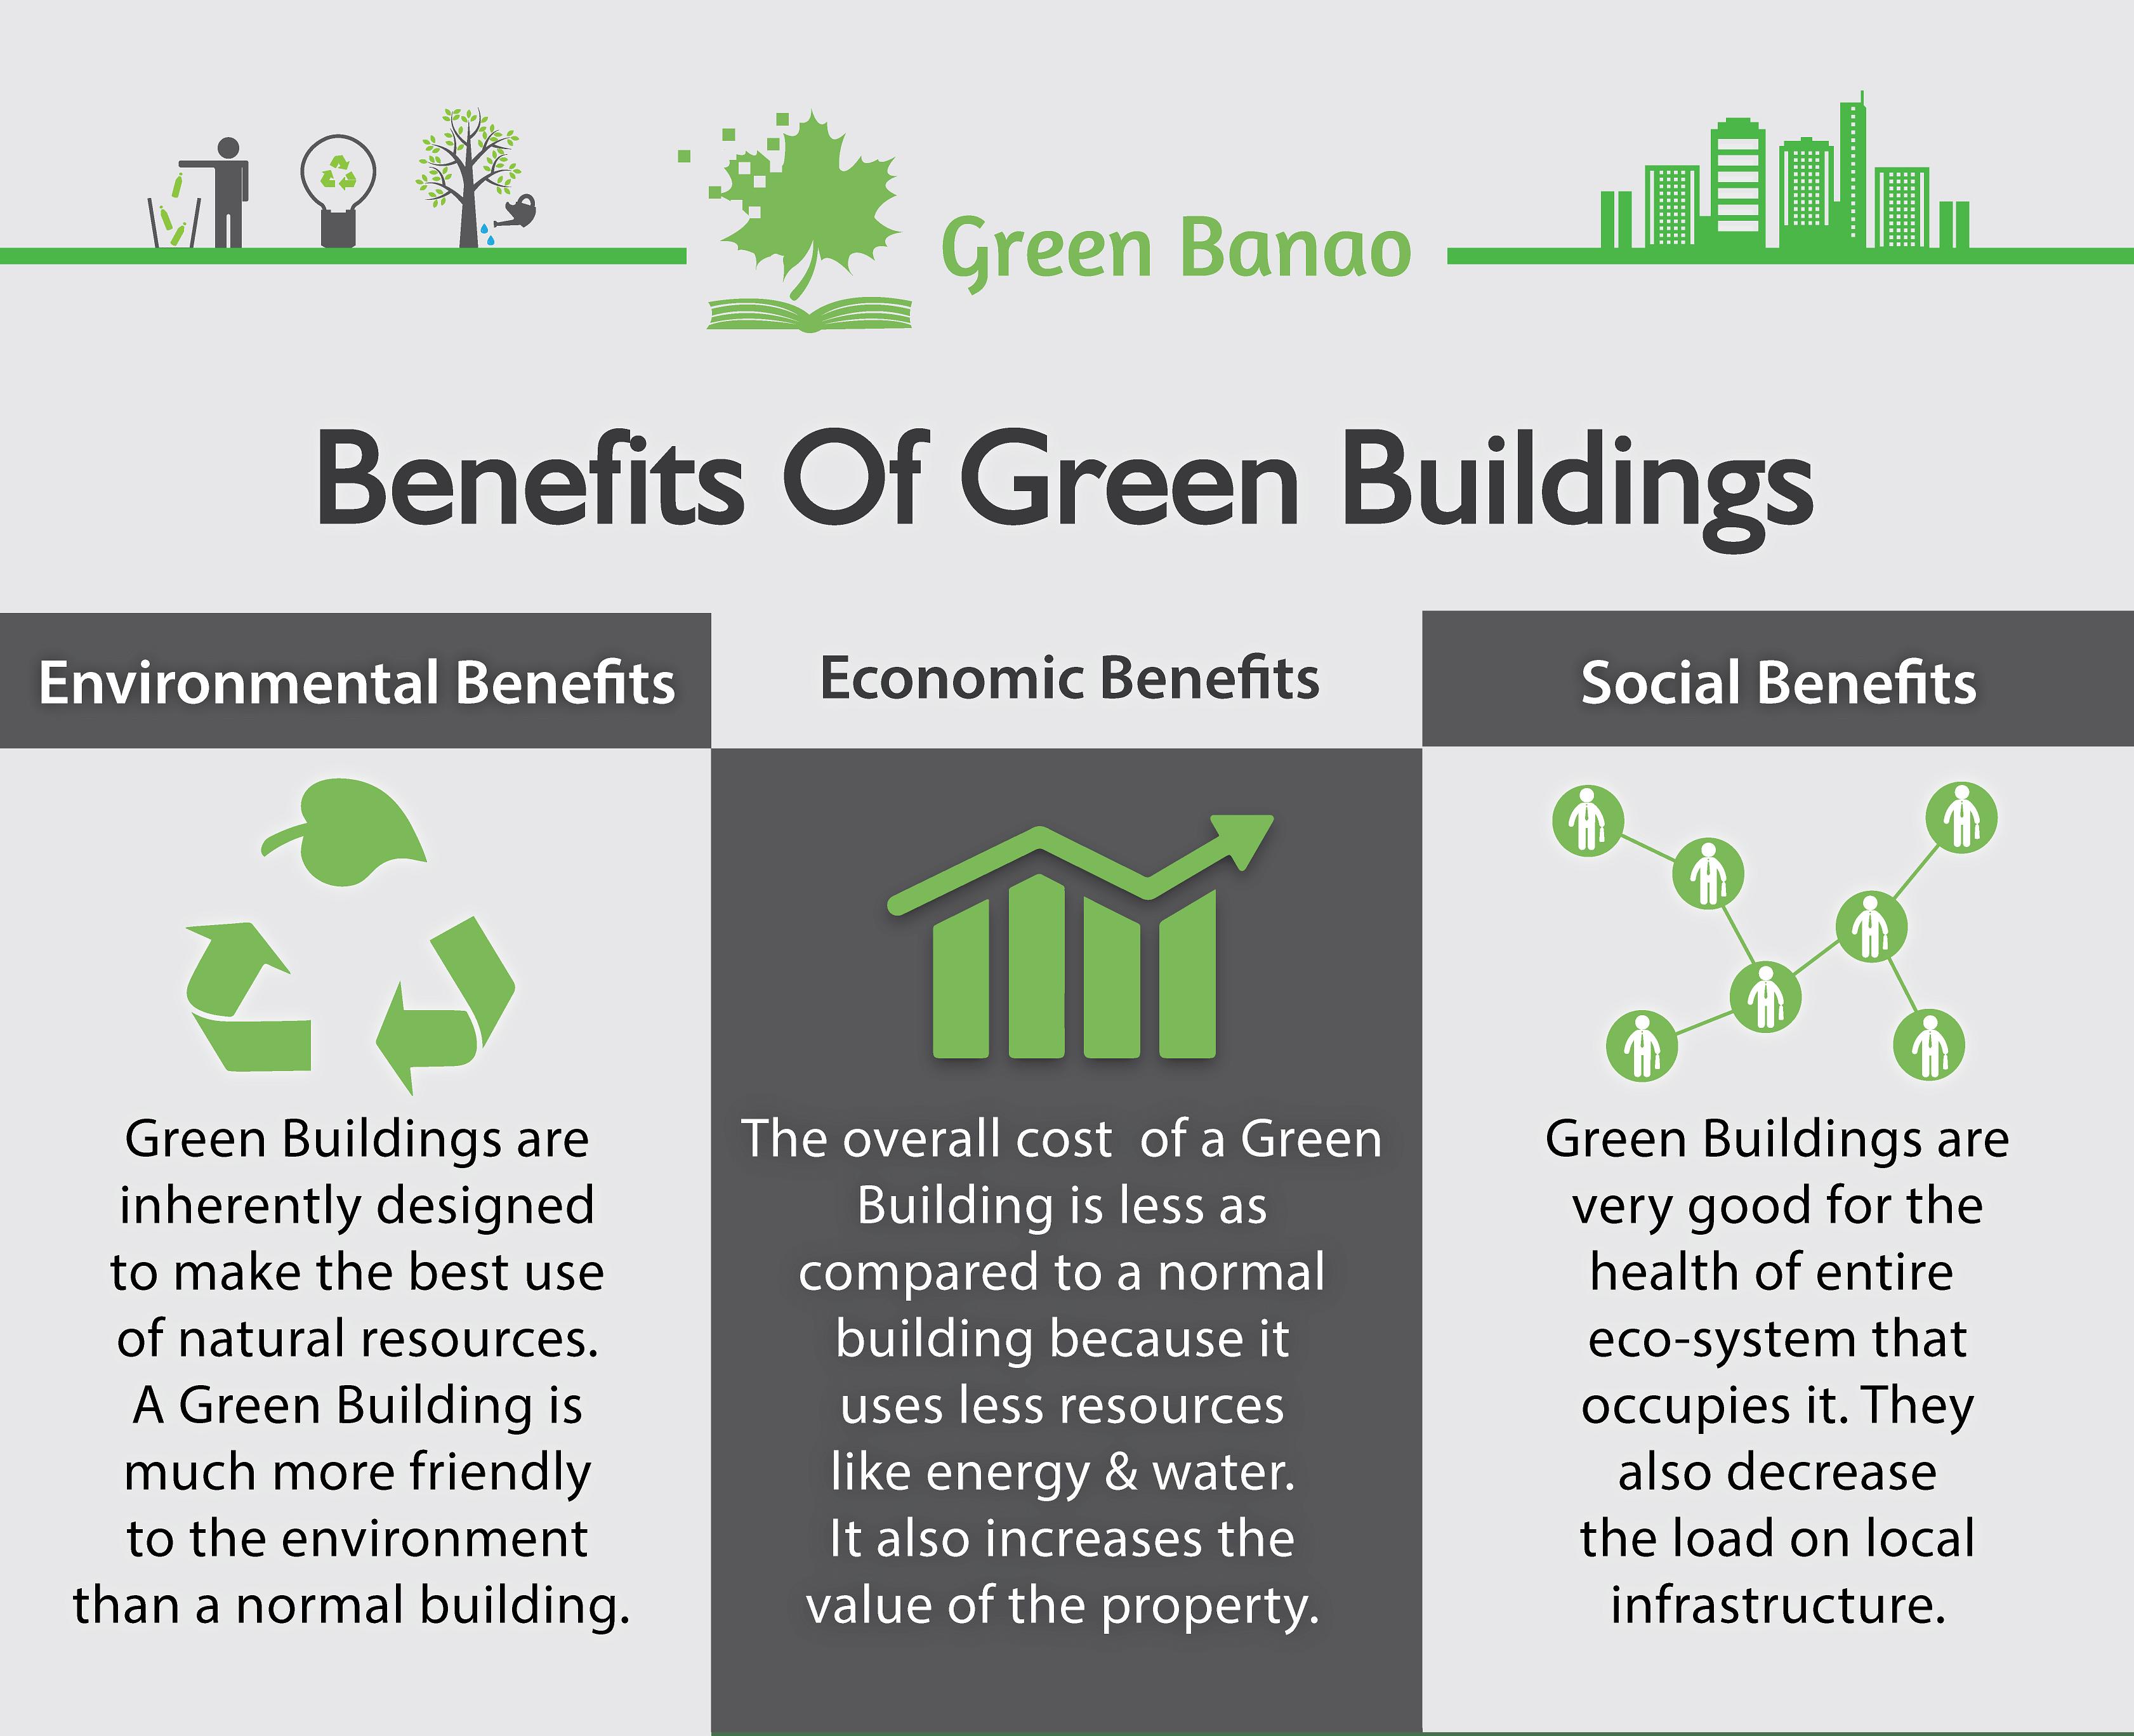 3 major benefits of Green Buildings